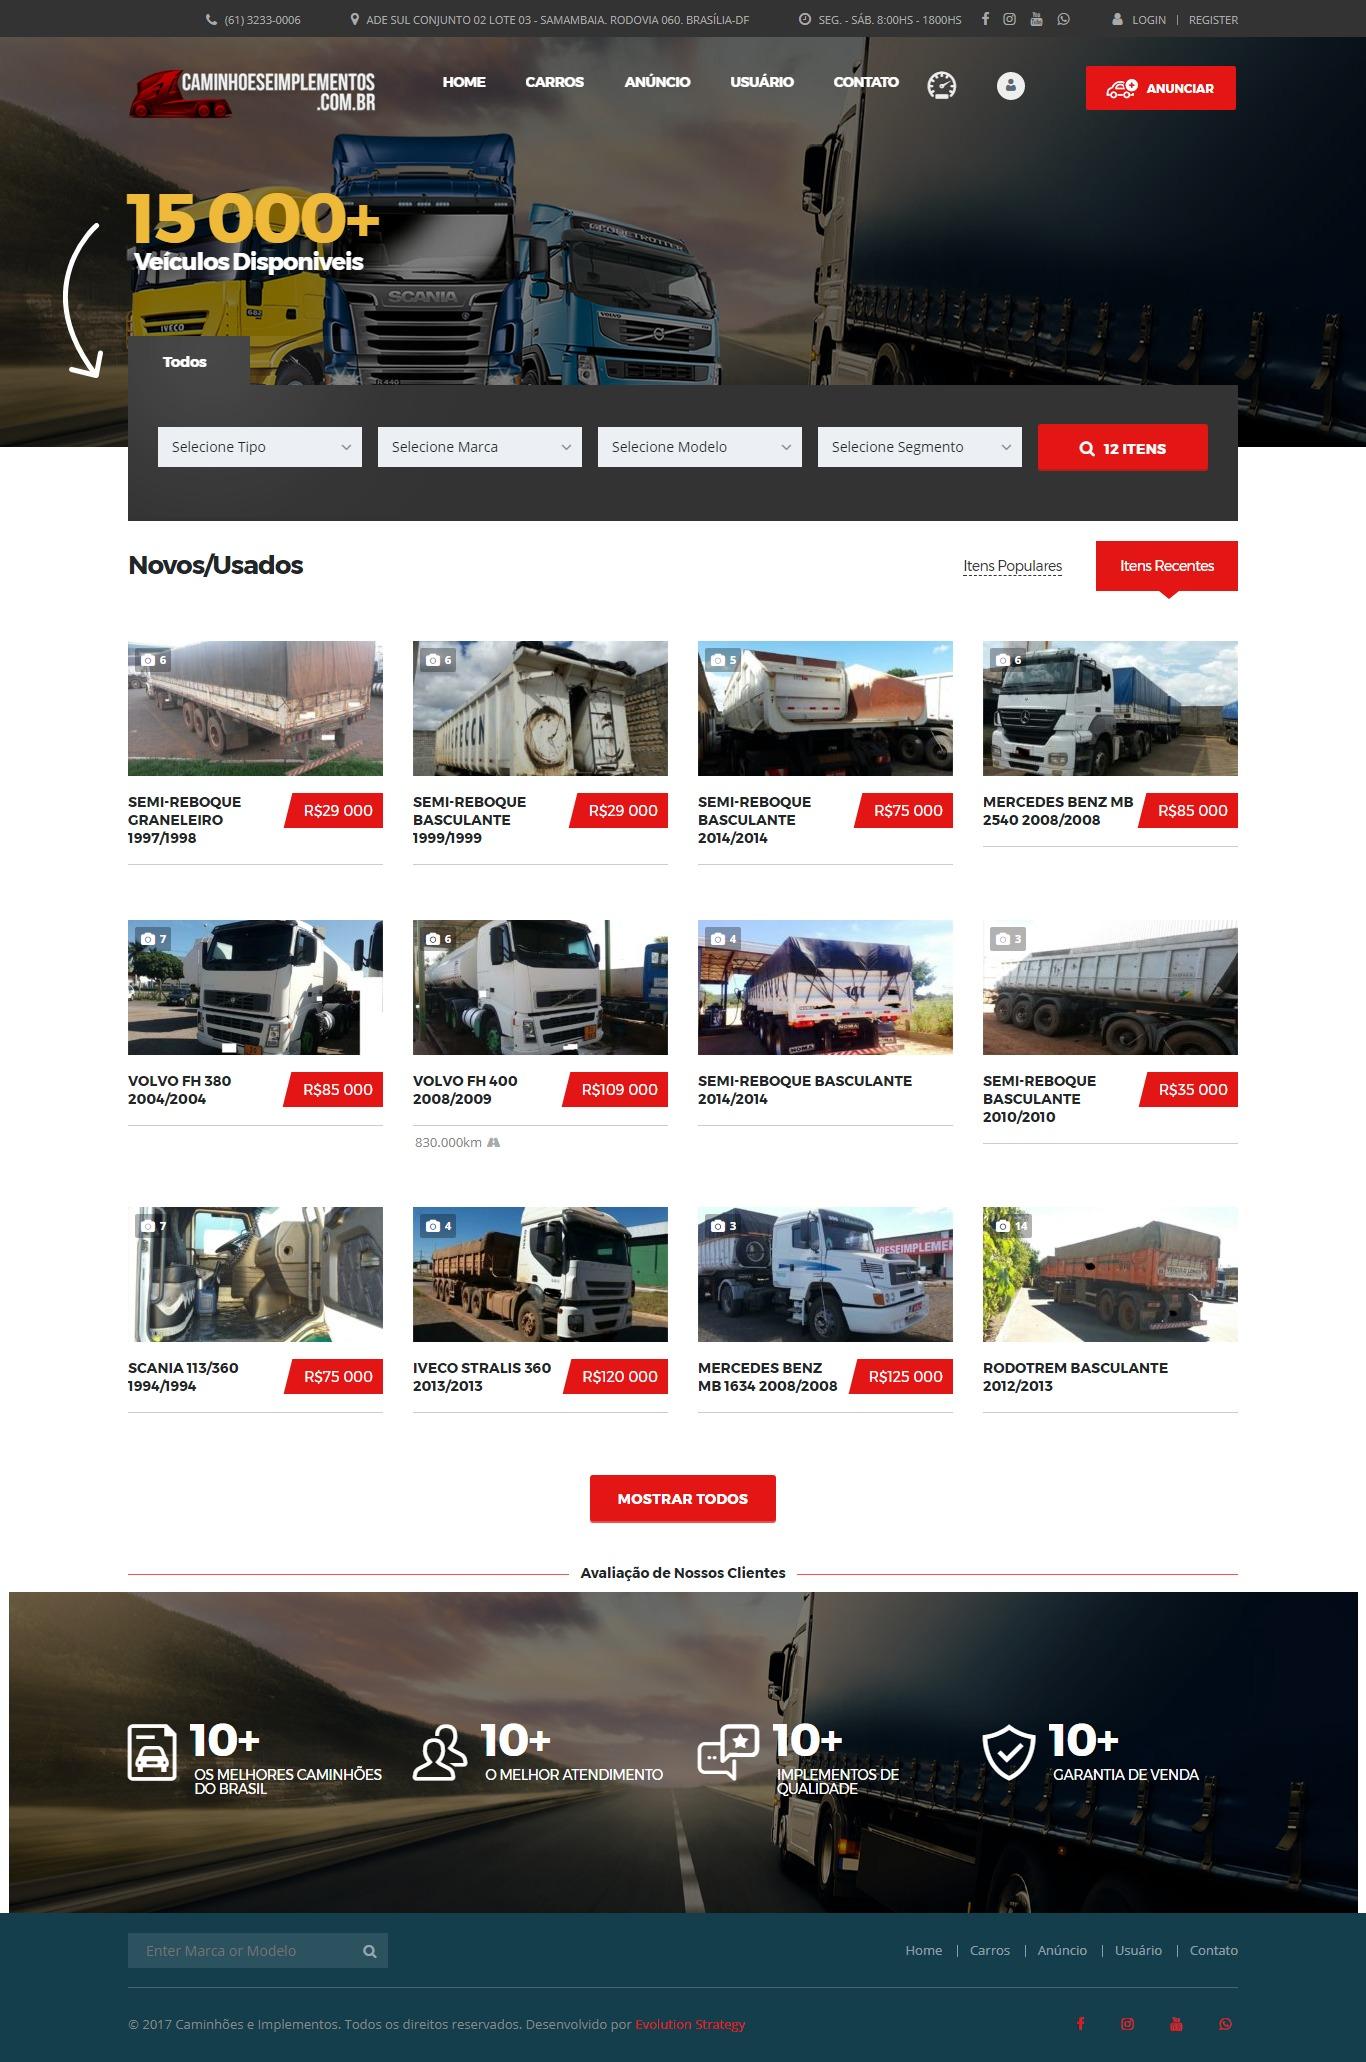 Caminhões-Implementos-brasilia-tecnologia